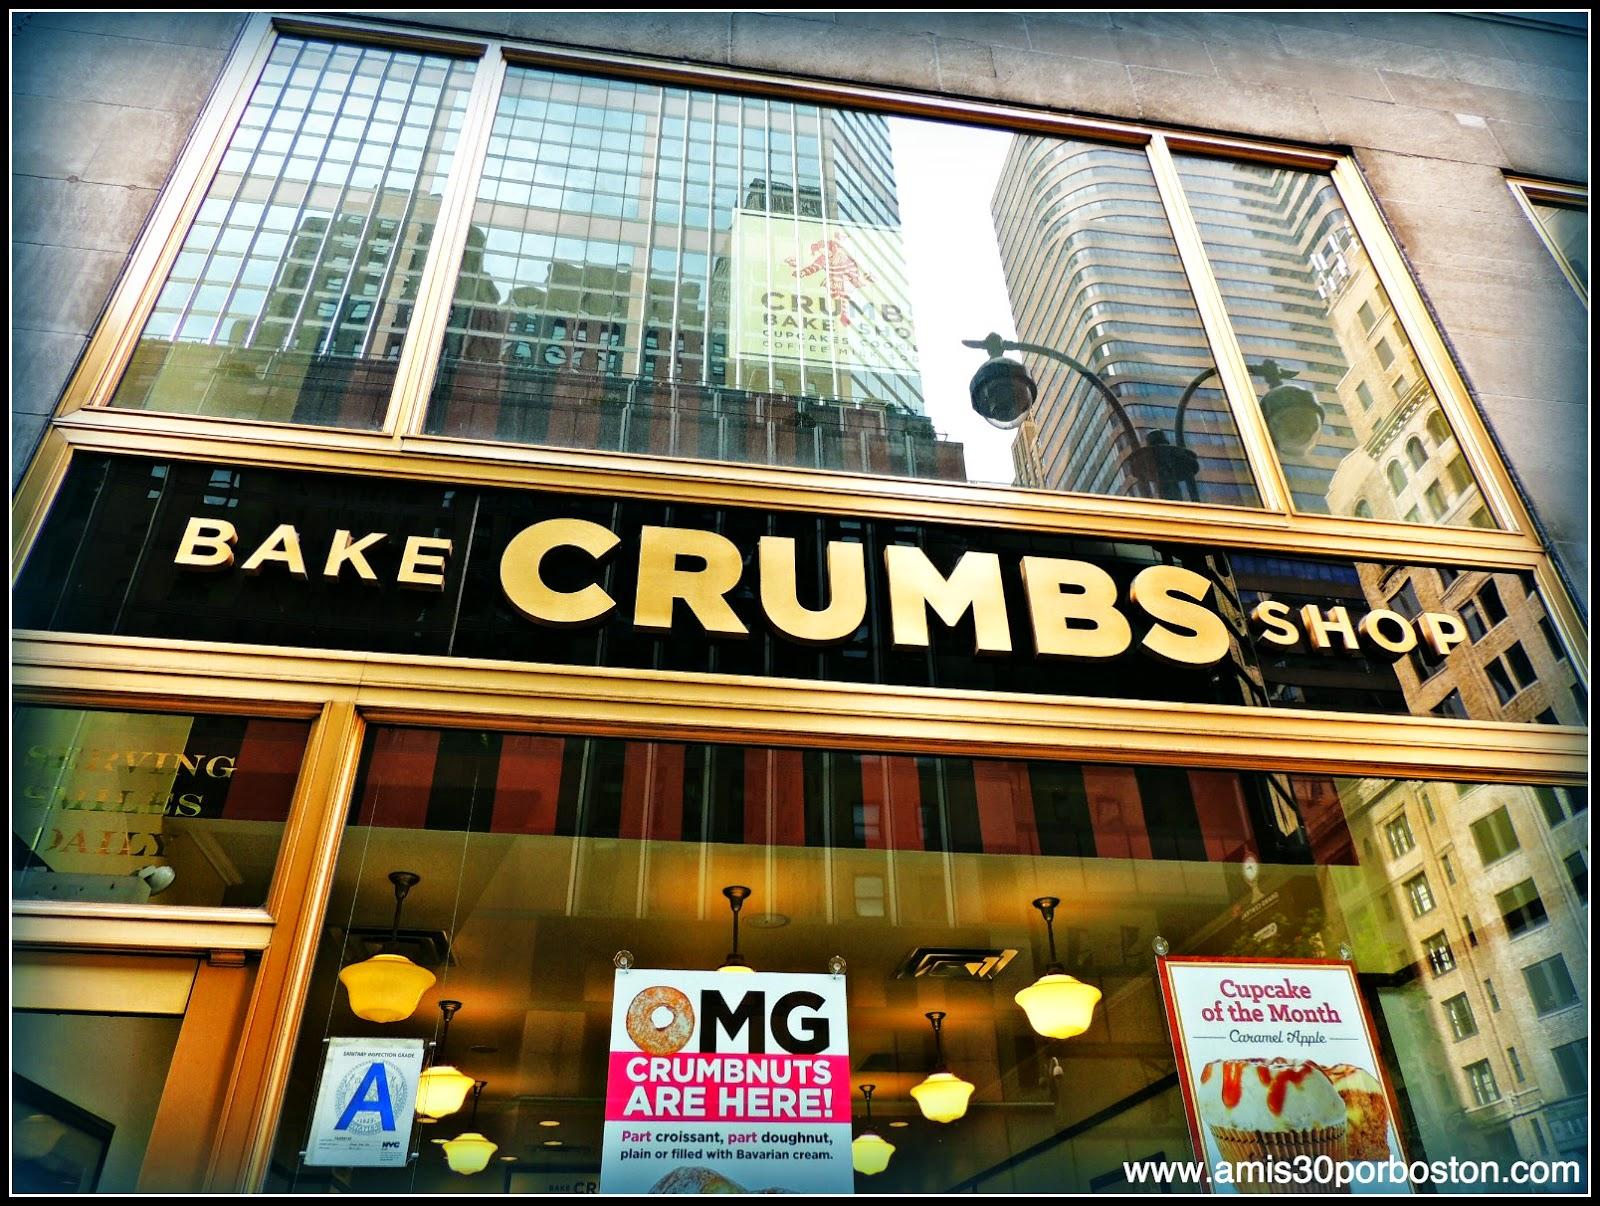 Segunda Vista a Nueva York: Crumbs